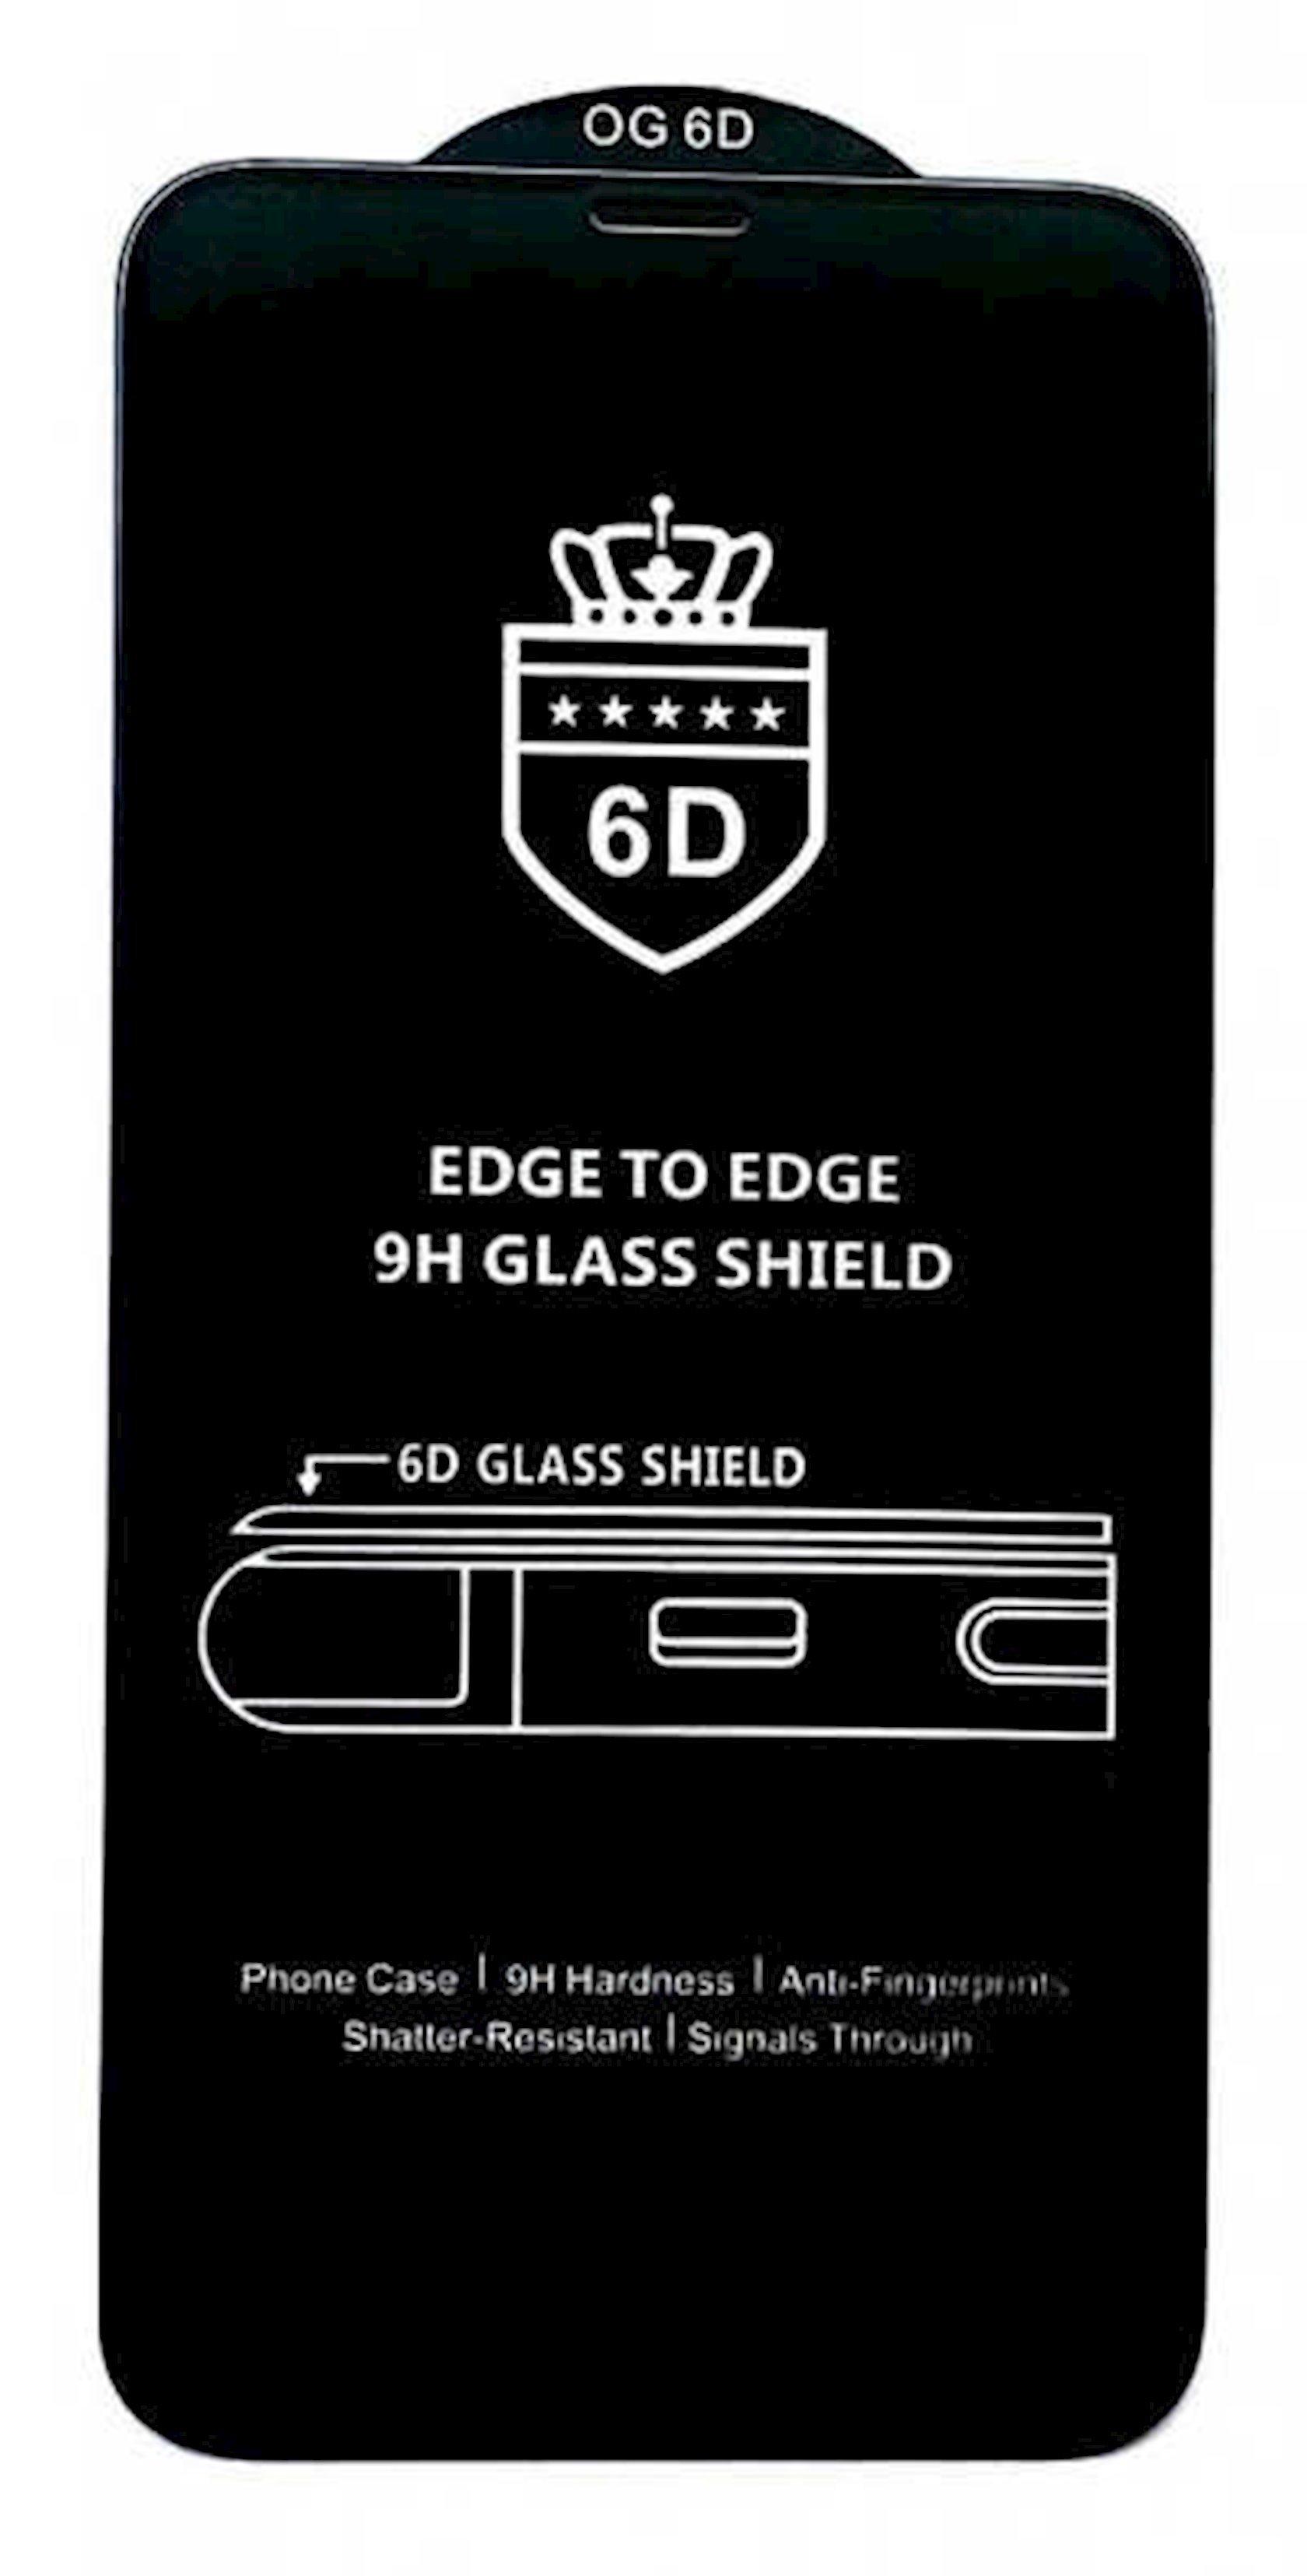 Qoruyucu şüşə OG 6D Premium Samsung A01 Core üçün Black